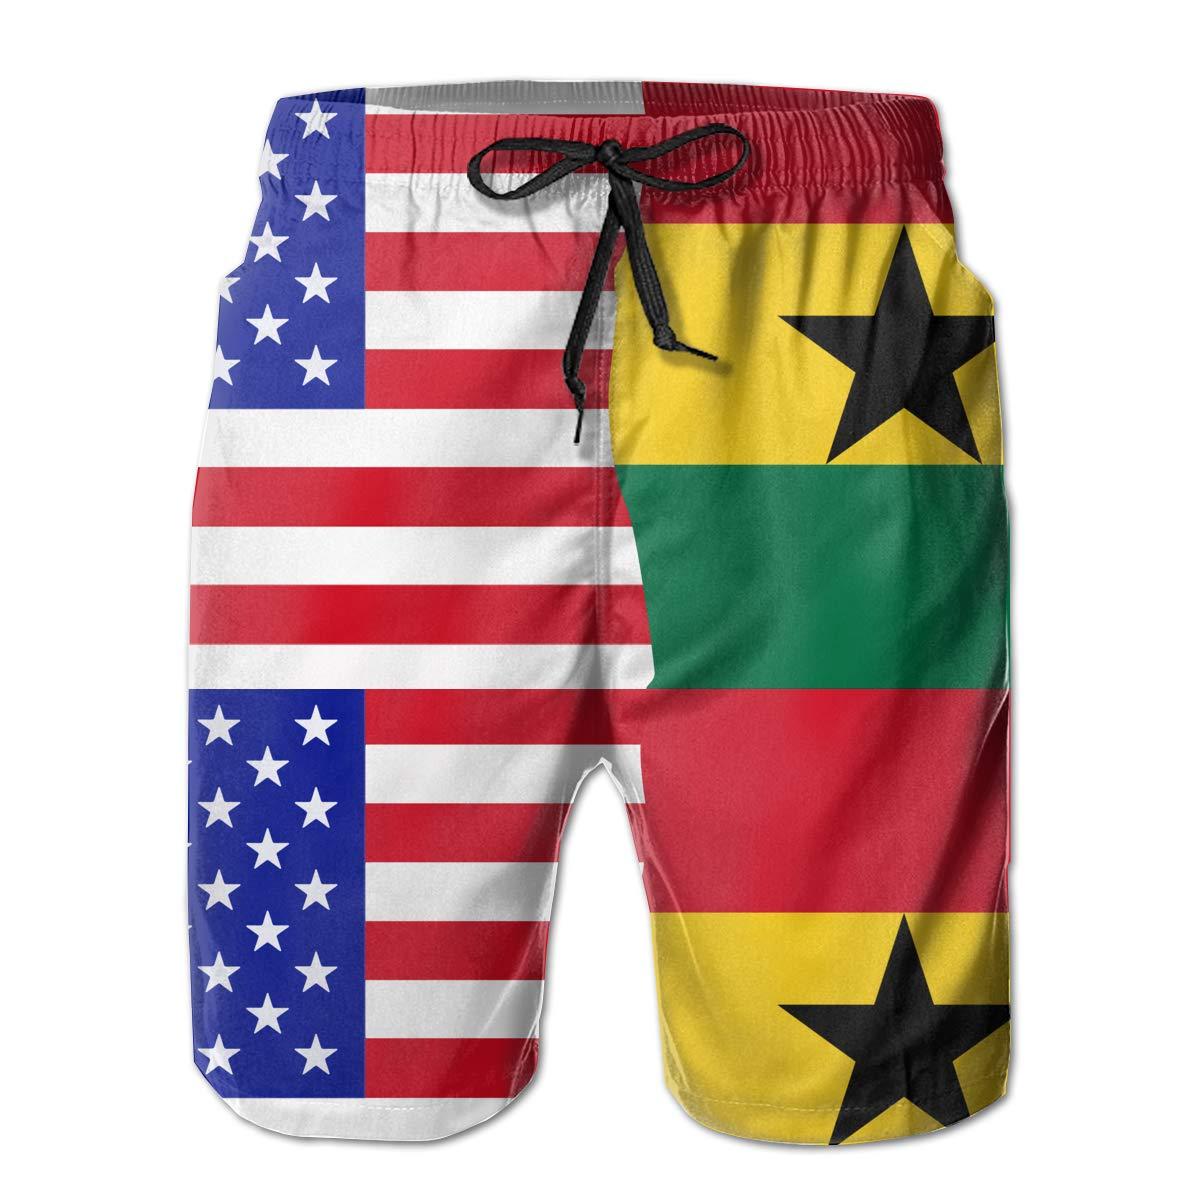 STDKNSK9 Mens Half USA Half Ghana Flag Board Shorts Swim Trunks